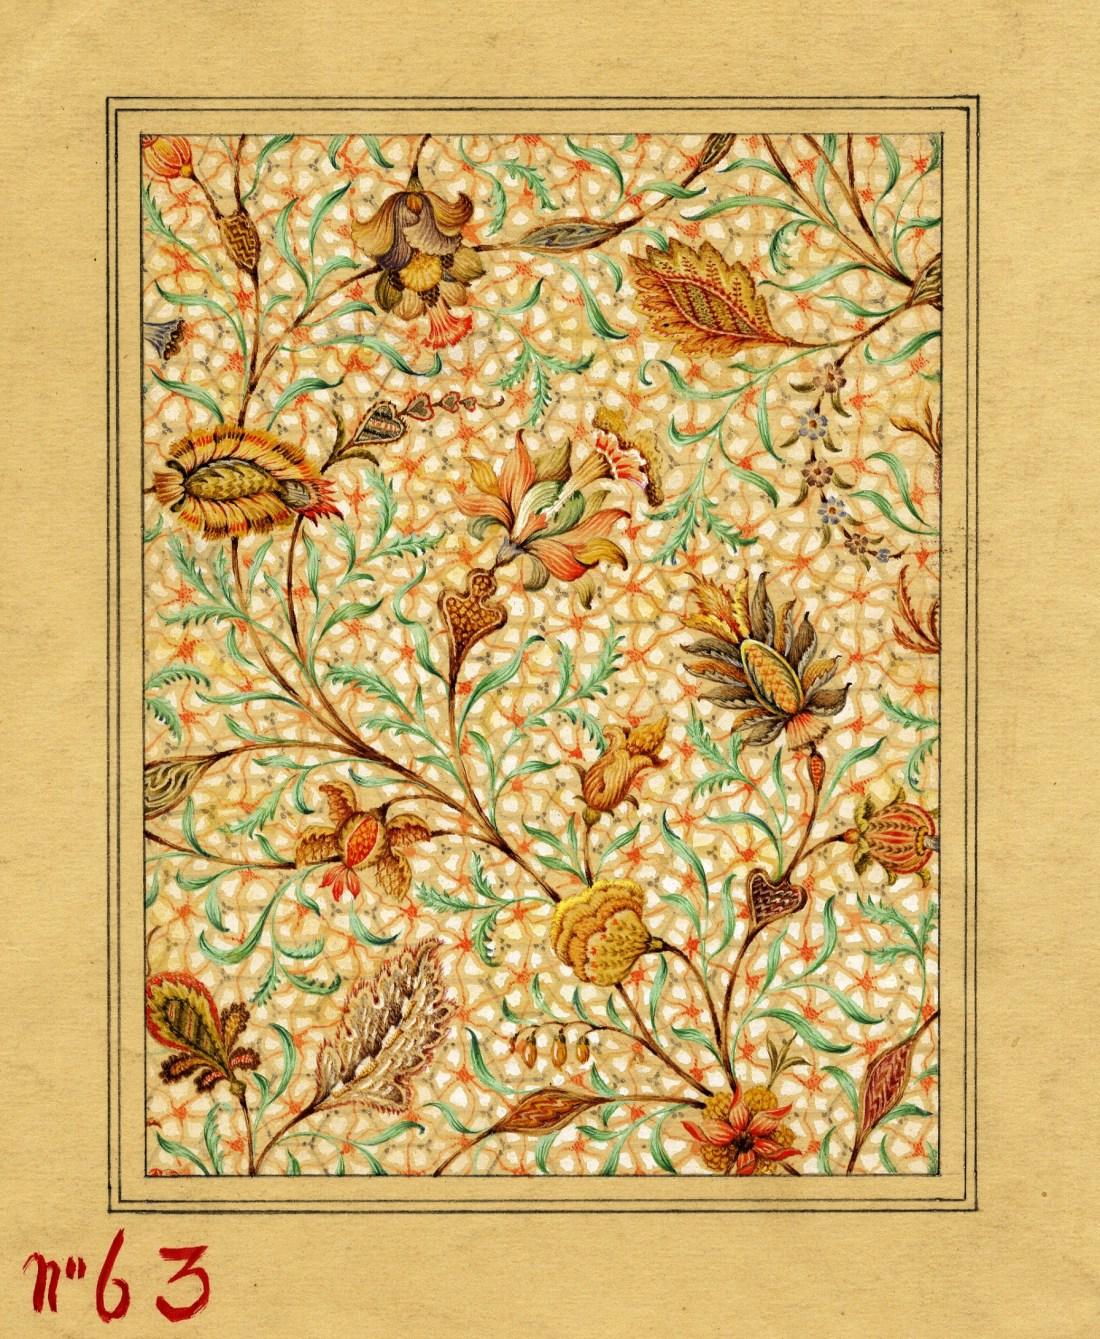 Design sketch. Number 63. 1870-1920.